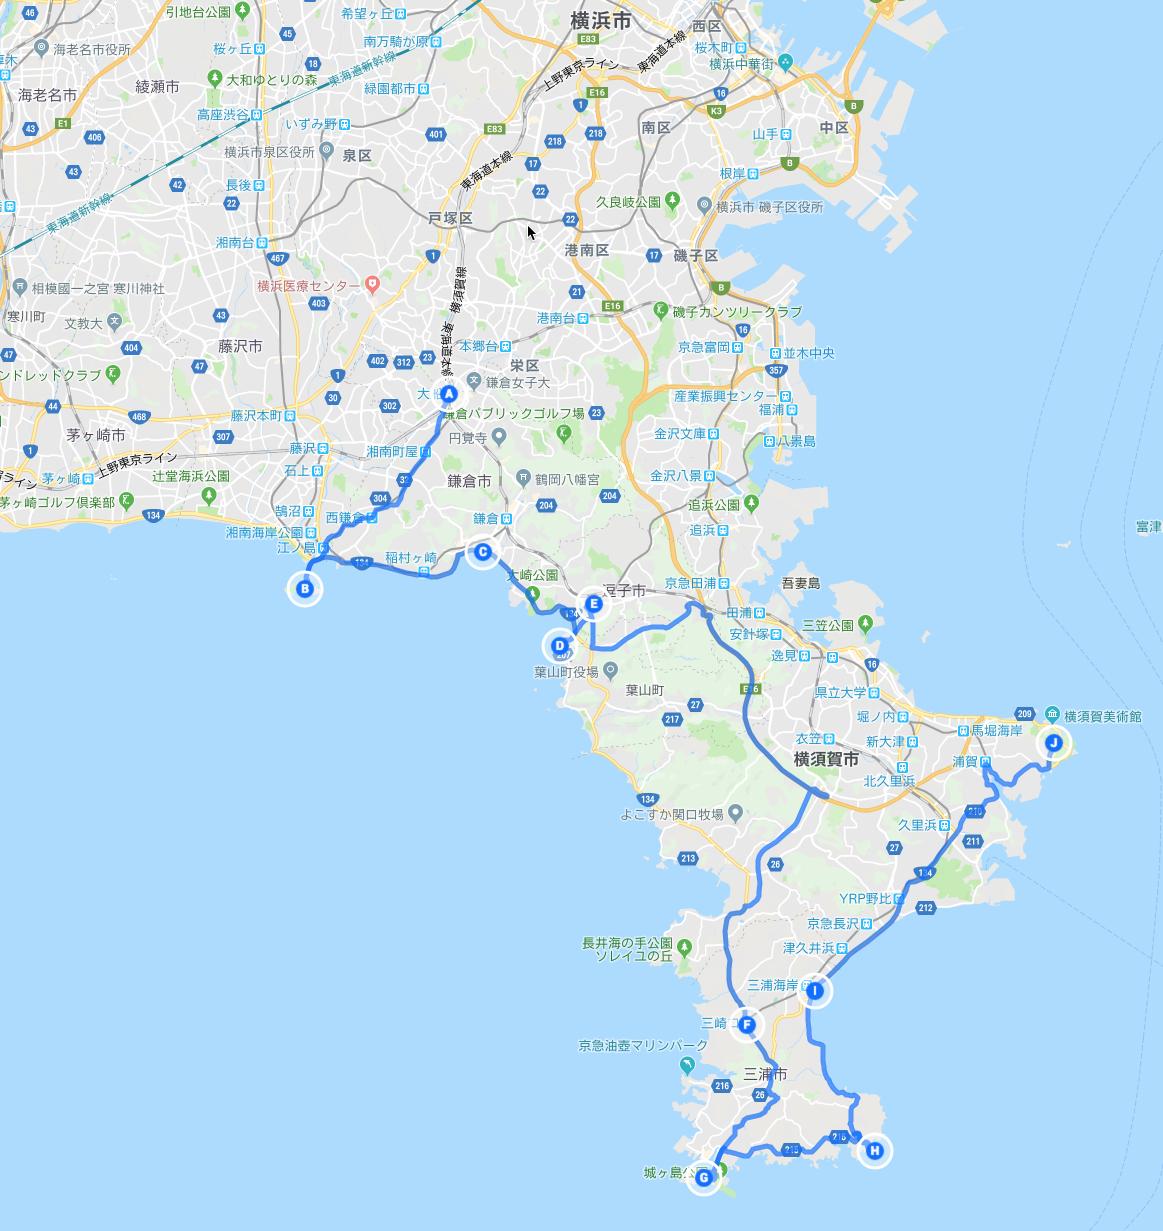 江ノ島〜三浦半島一周の旅の道のり